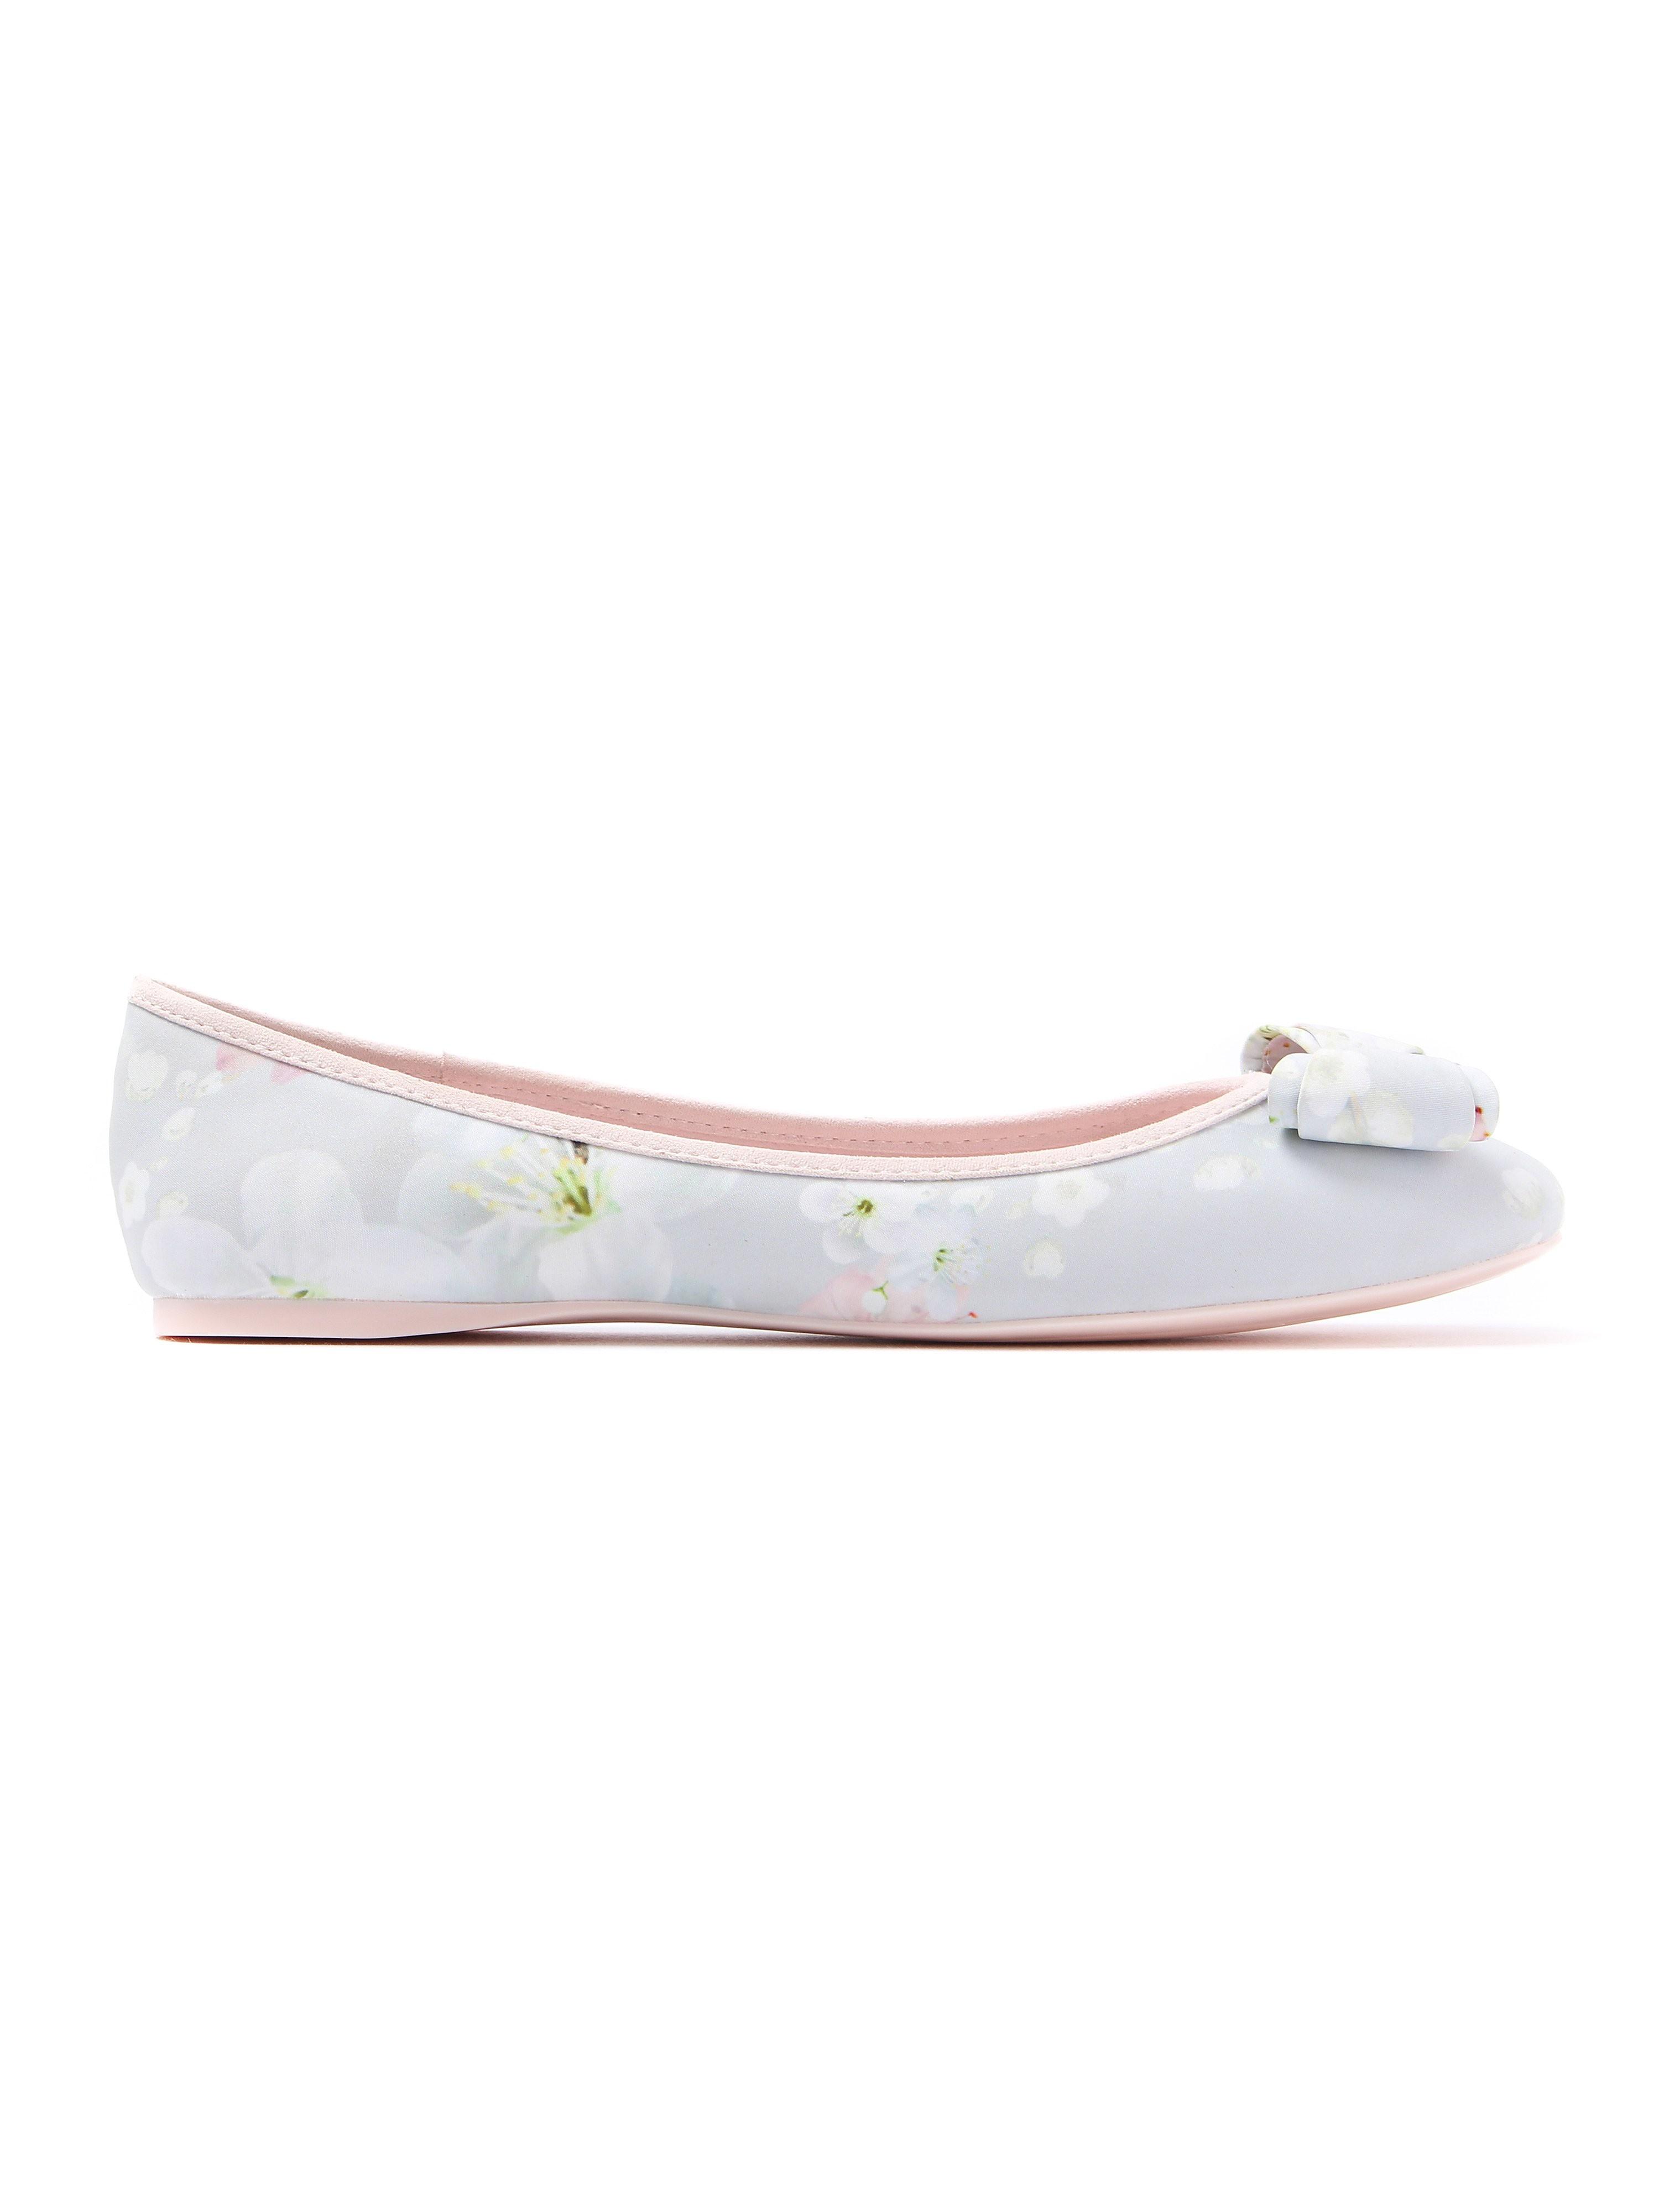 Ted Baker Women's Immep Oriental Blossom Ballerina Shoes - White